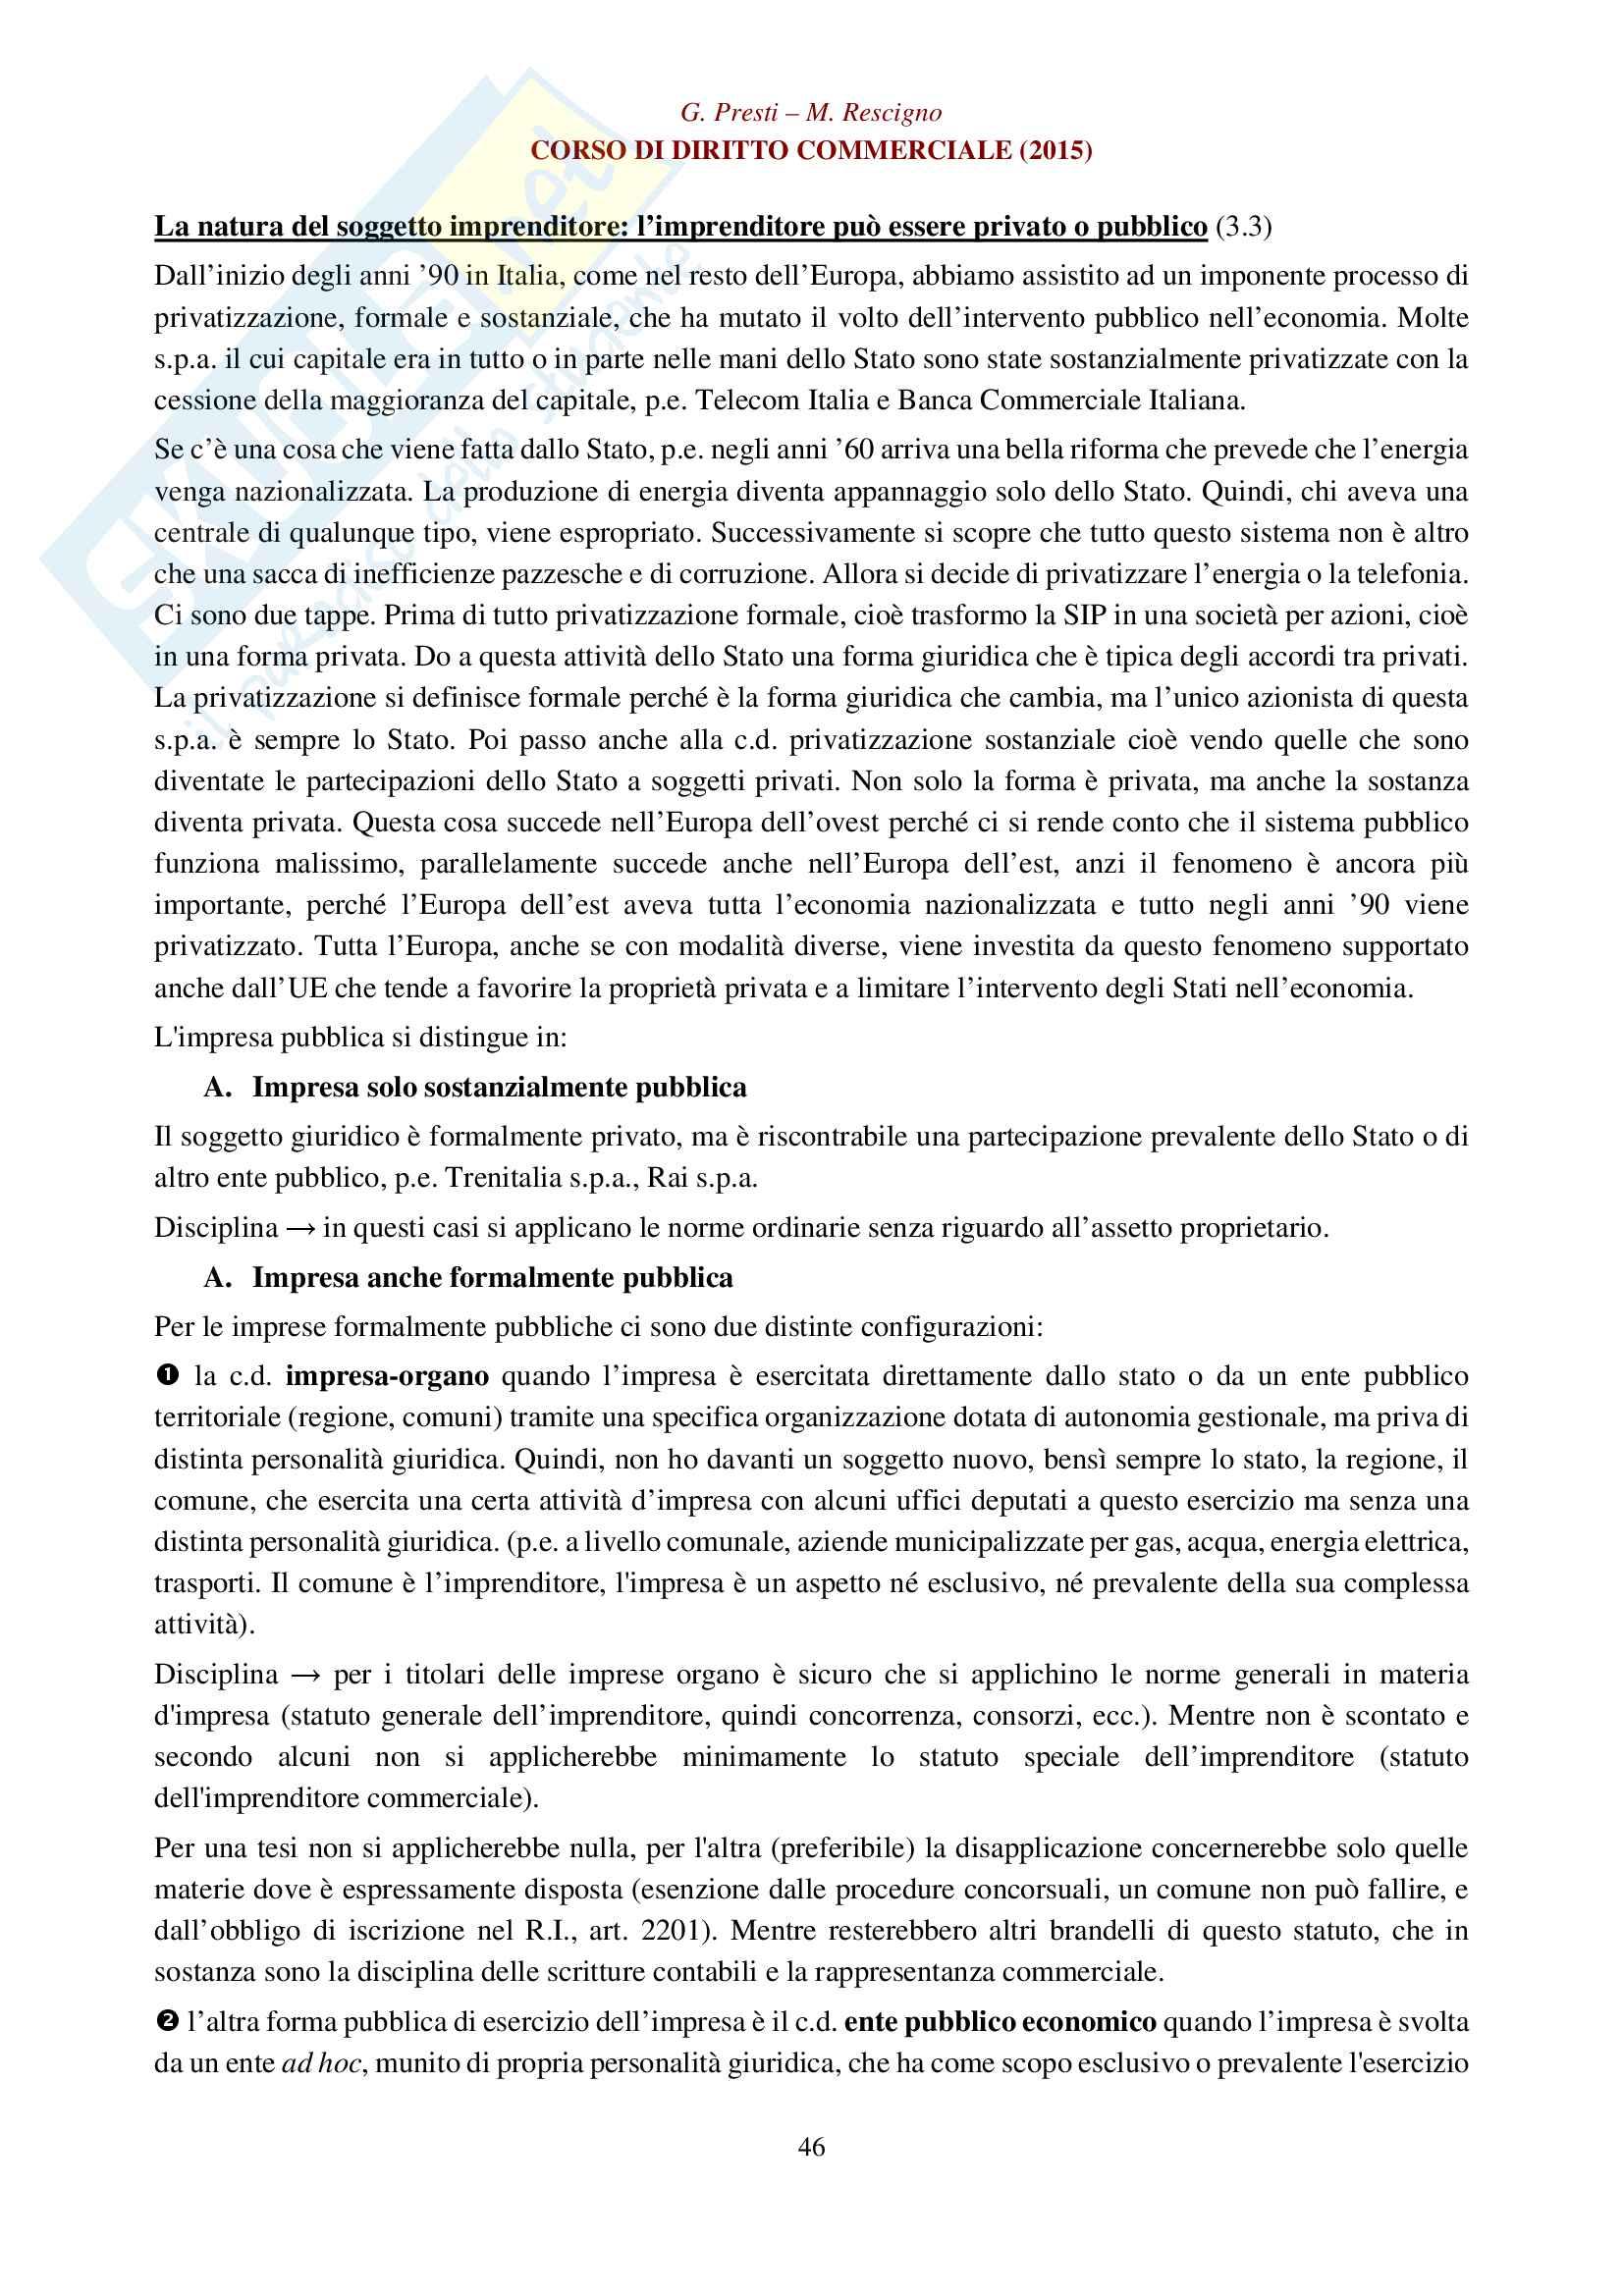 Appunti per esame di diritto commerciale: impresa, imprenditore e azienda Pag. 46